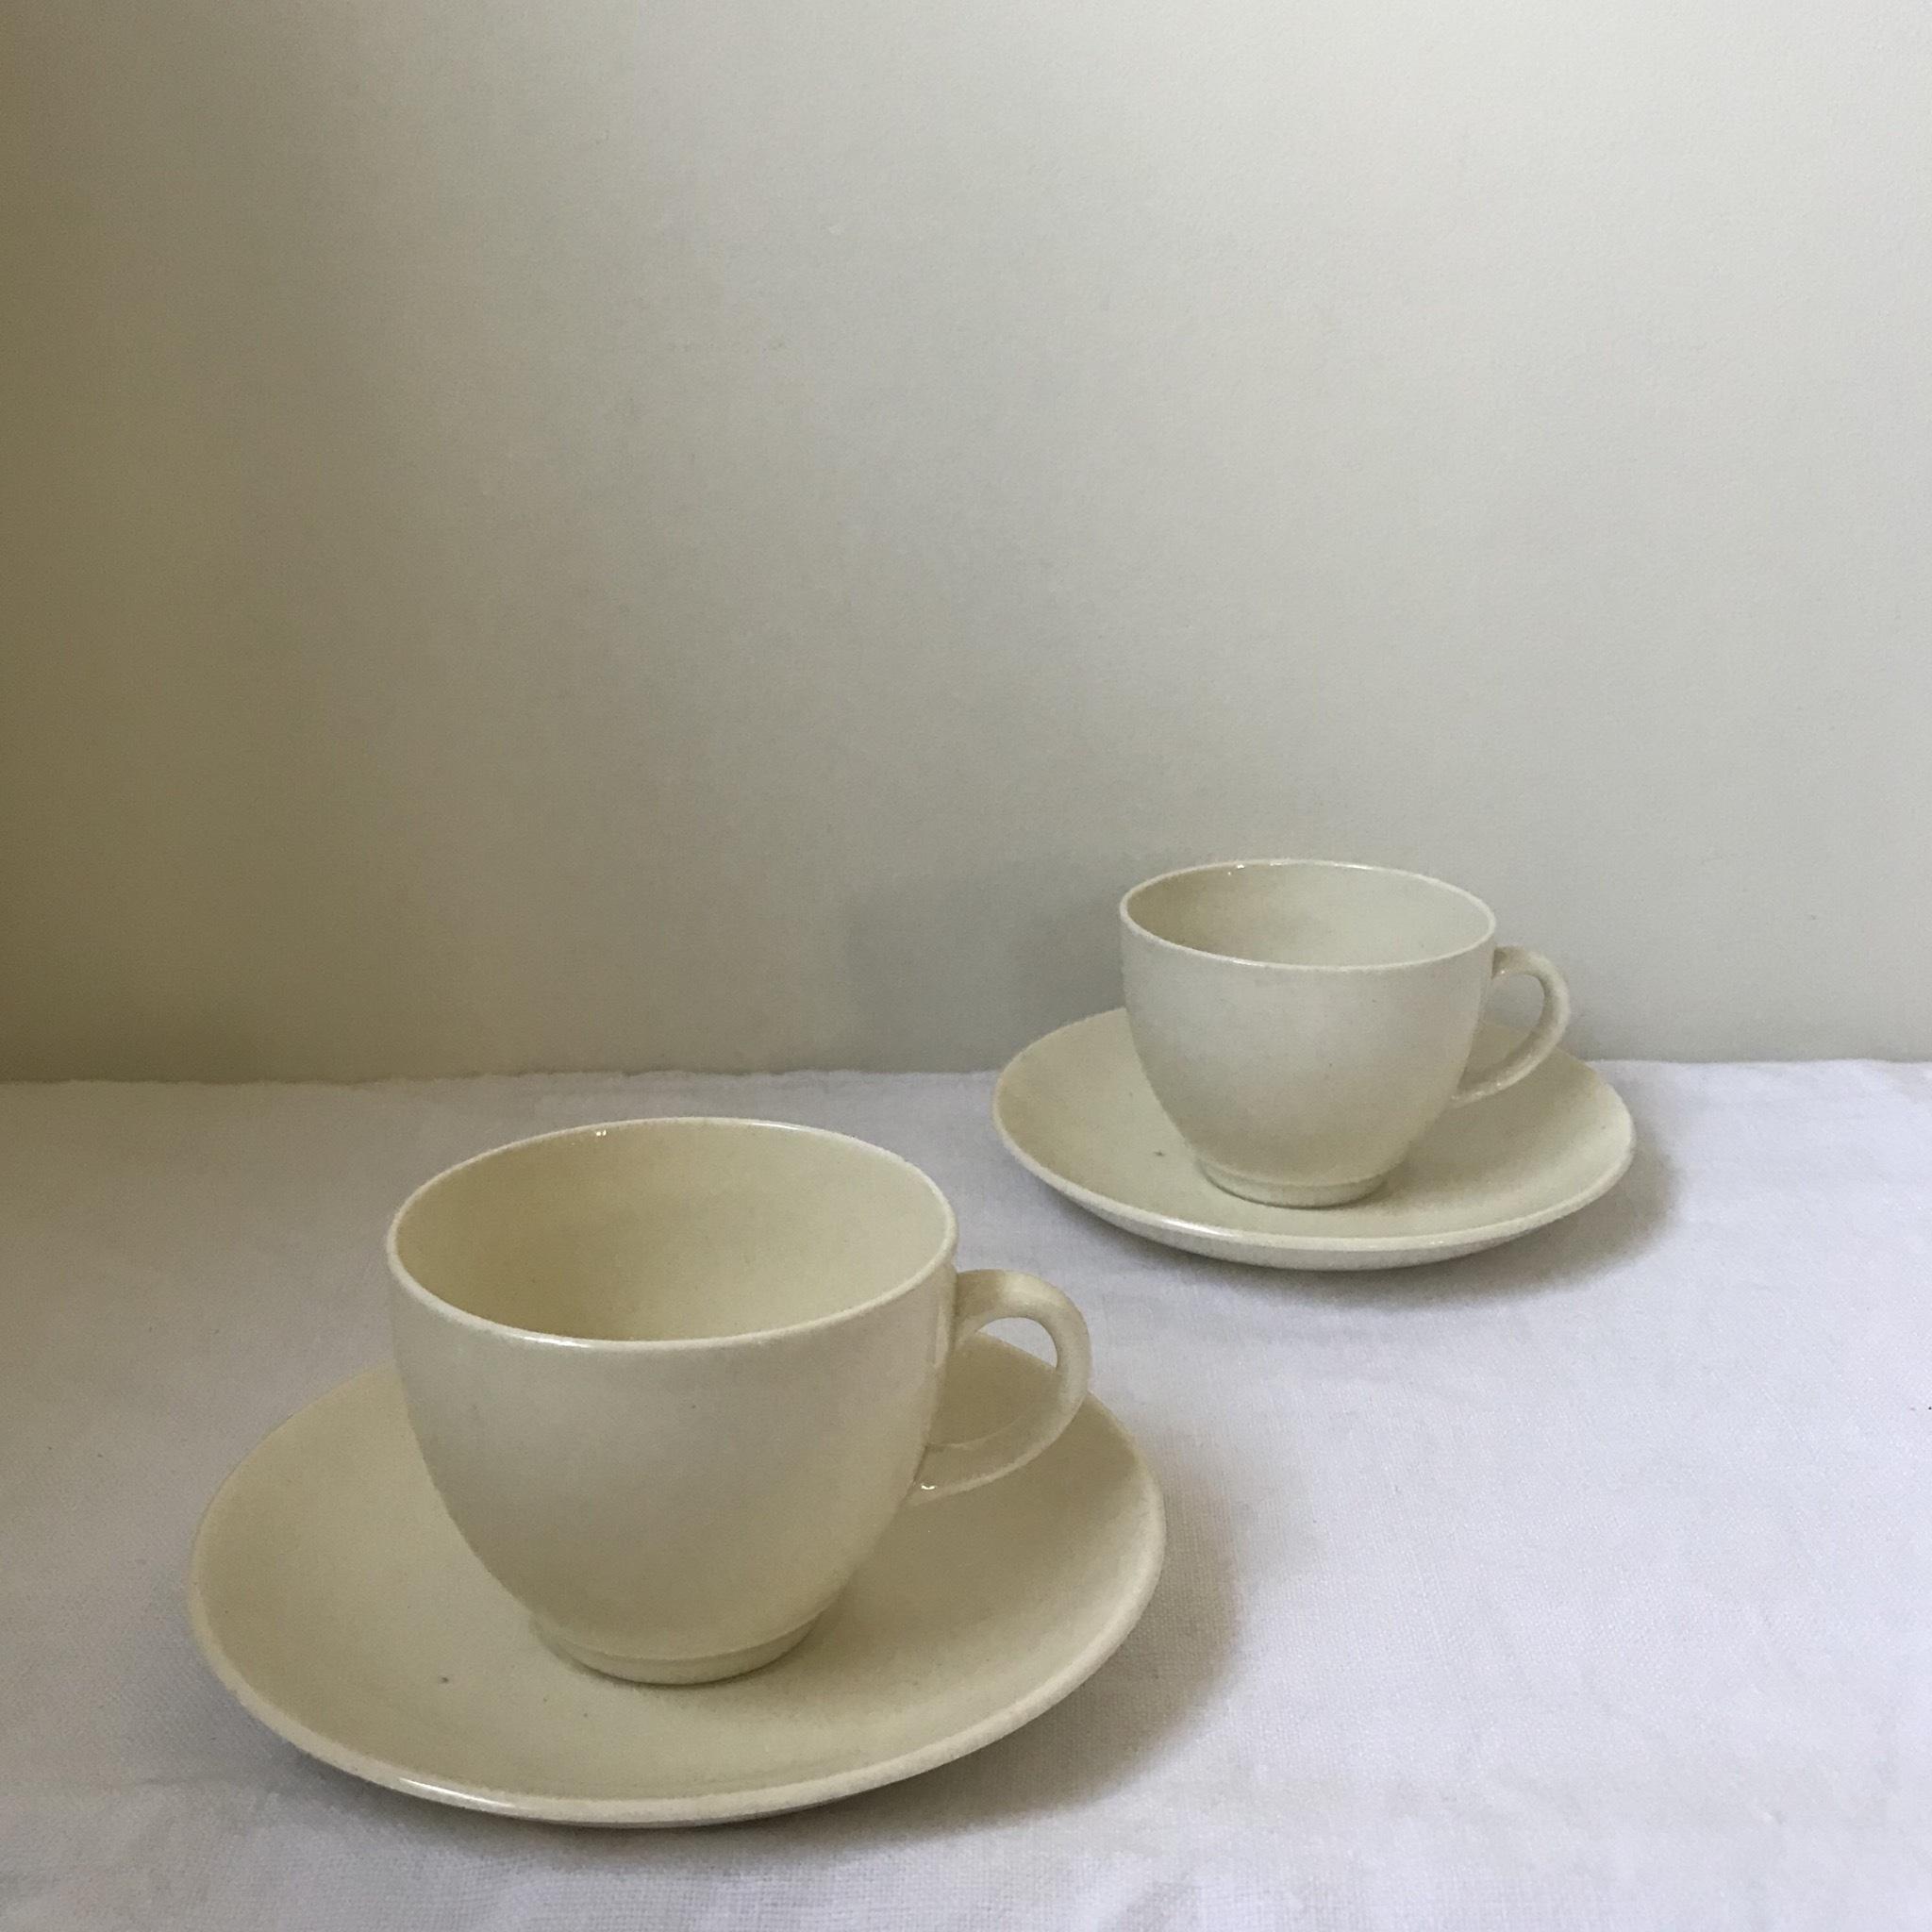 クリームホワイトのデミタスカップ